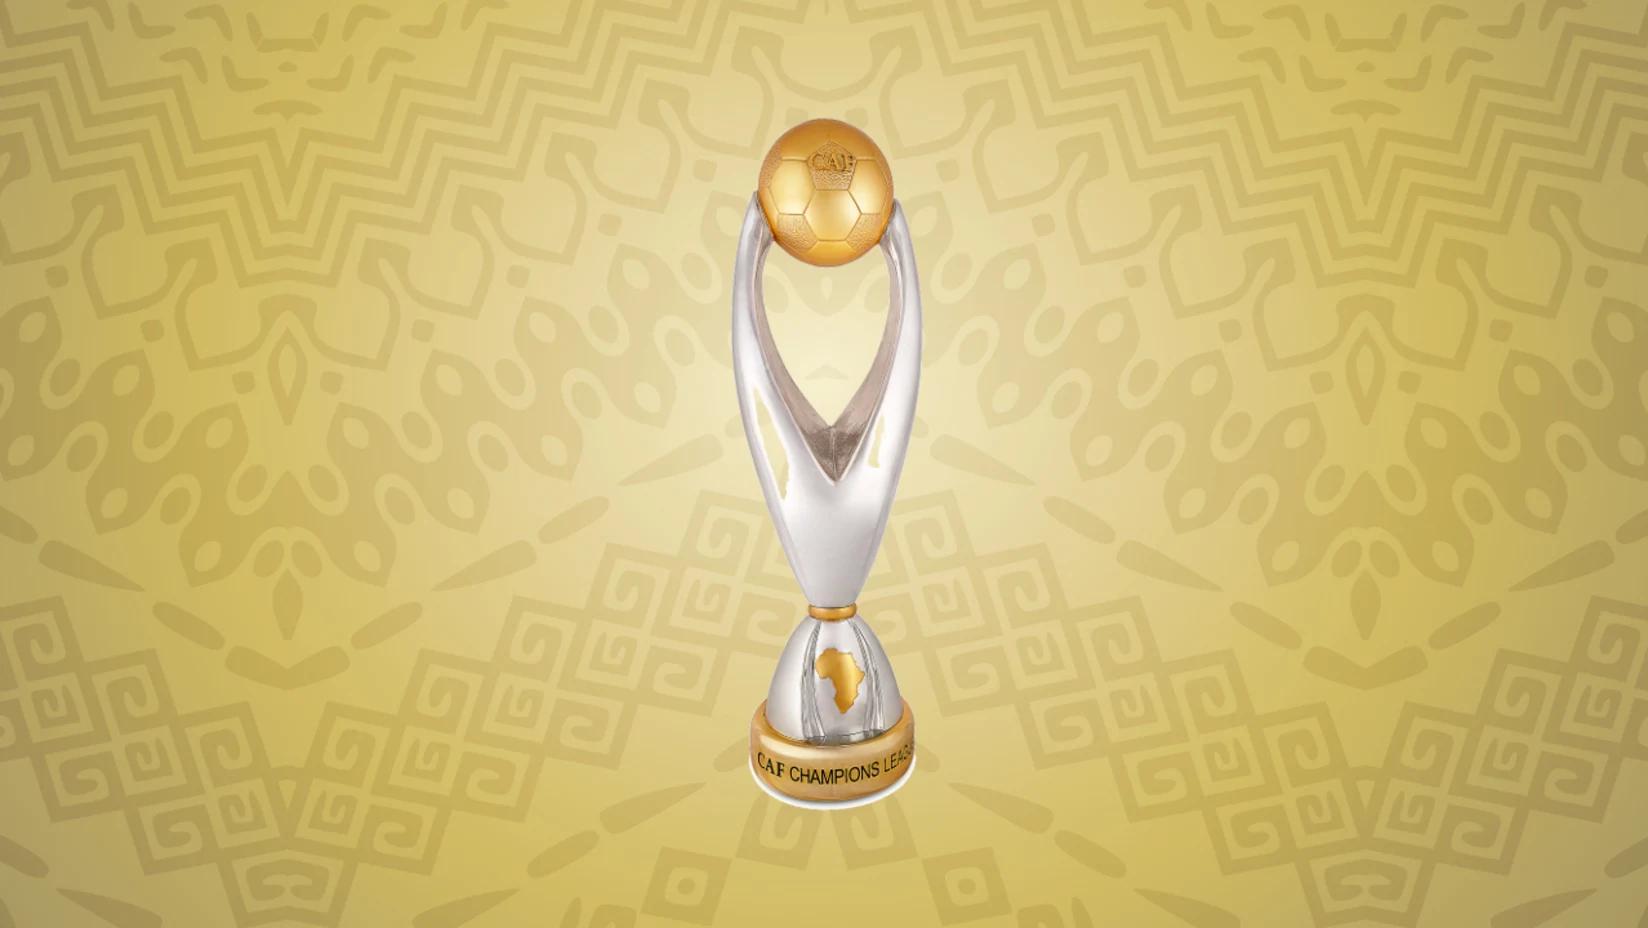 2020年非洲冠军联赛决赛埃及的阿尔-阿赫利队对阵扎马莱克队